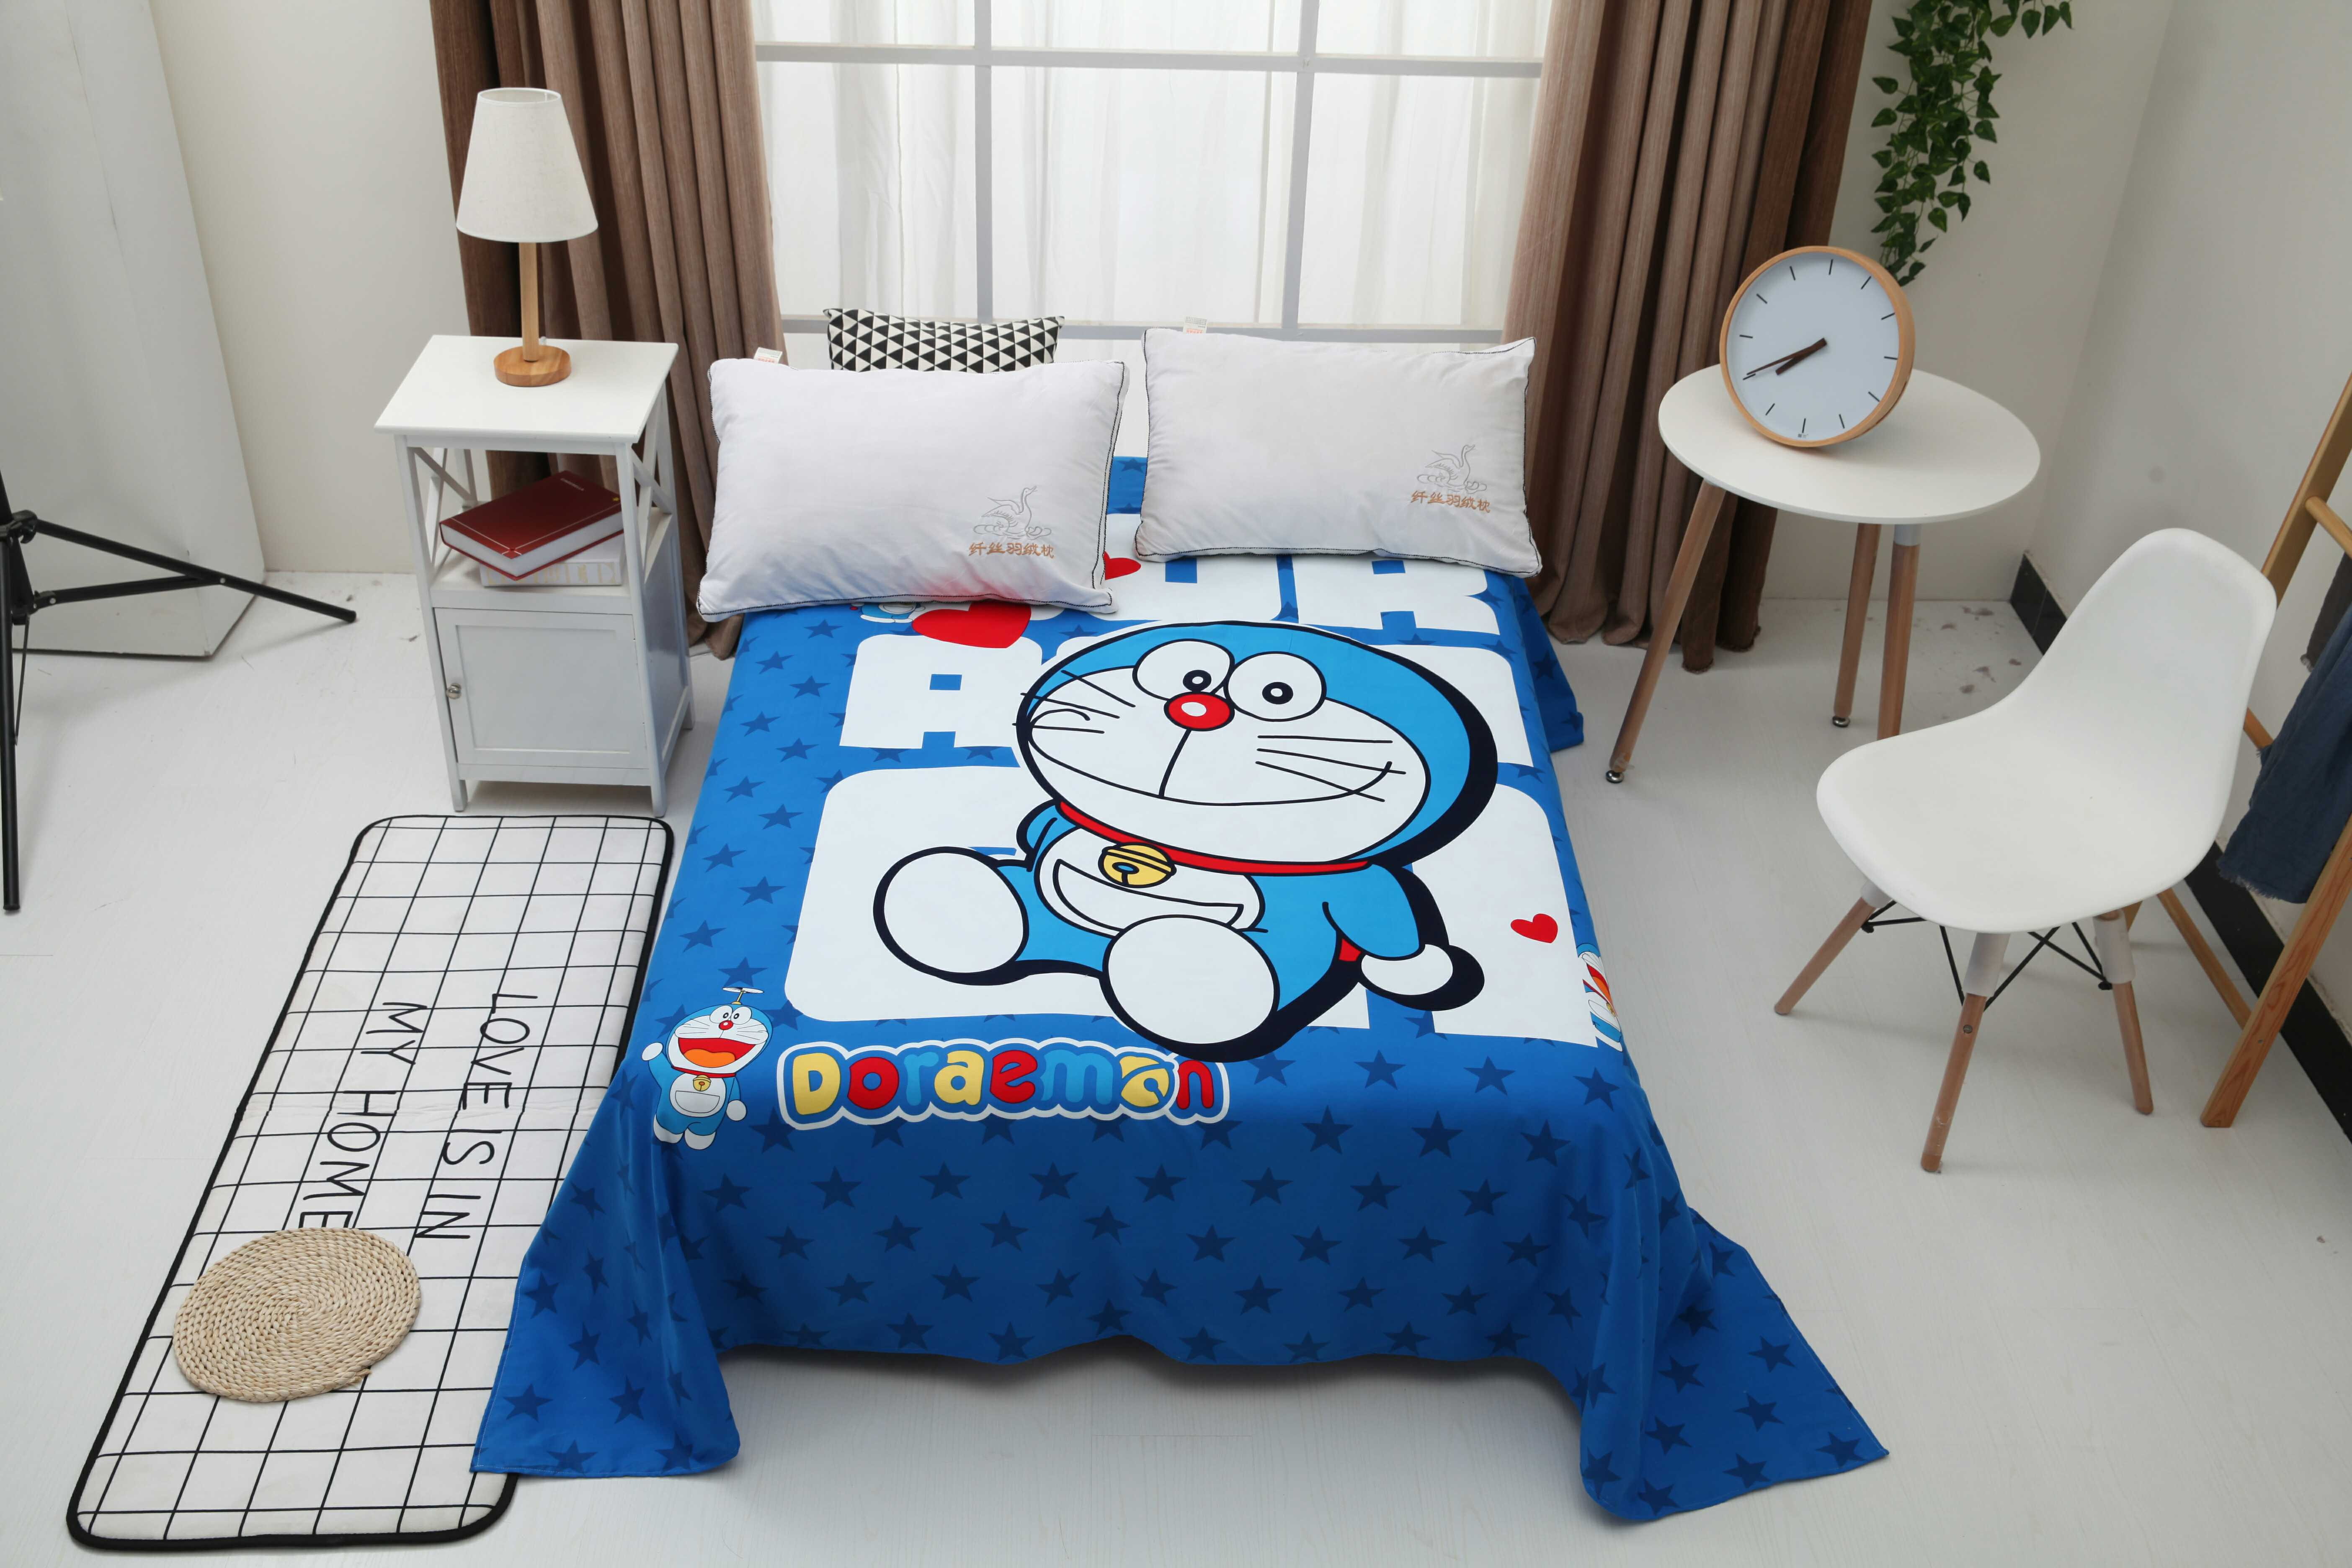 純綿アニメ大版ポジショニングプリントマシン猫ベッド上のダブルシーツオルト生地ドラえもんシンプルモデル